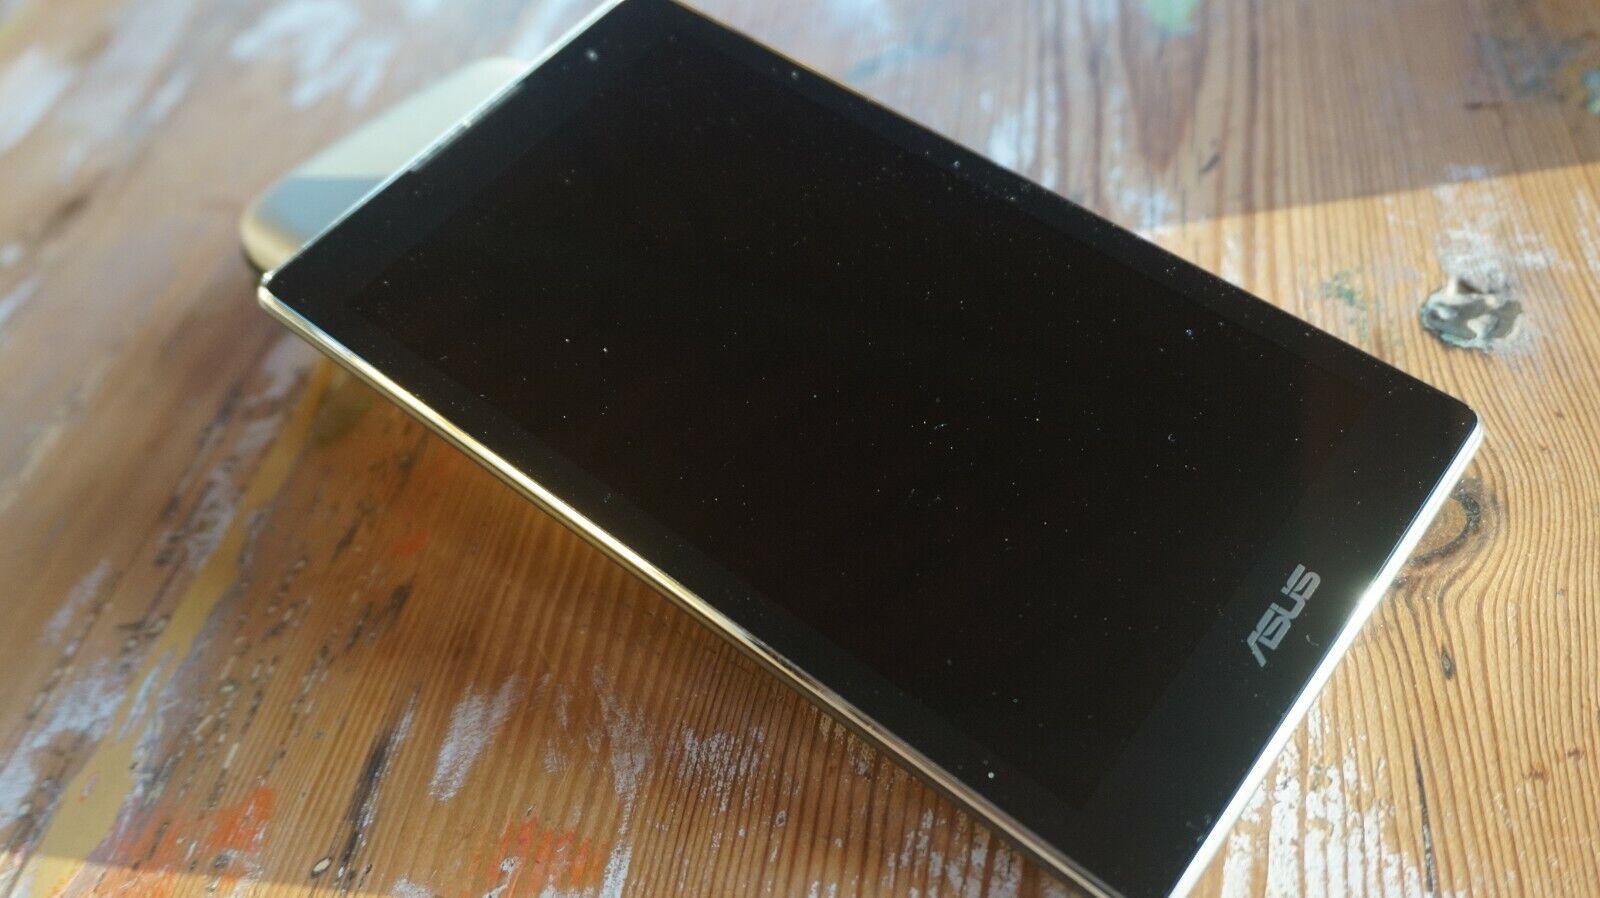 Tablette asus zenpad c7.0 - état neuf - 7'' - intel atom quad core